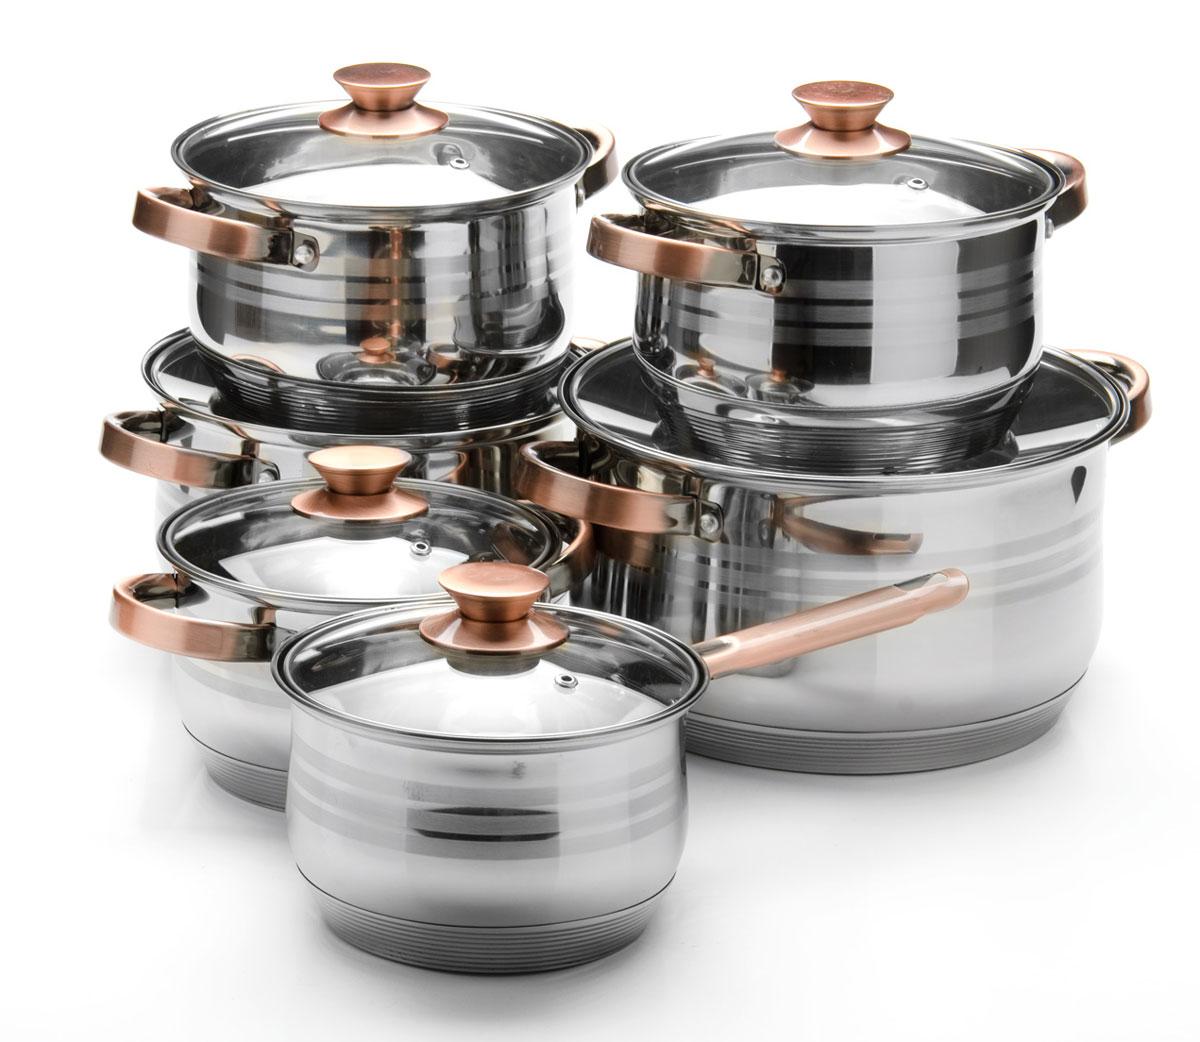 Набор посуды Mayer & Boch, 12 предметов. 26042260422,1+2,1+2,9+2,9+3,9+6